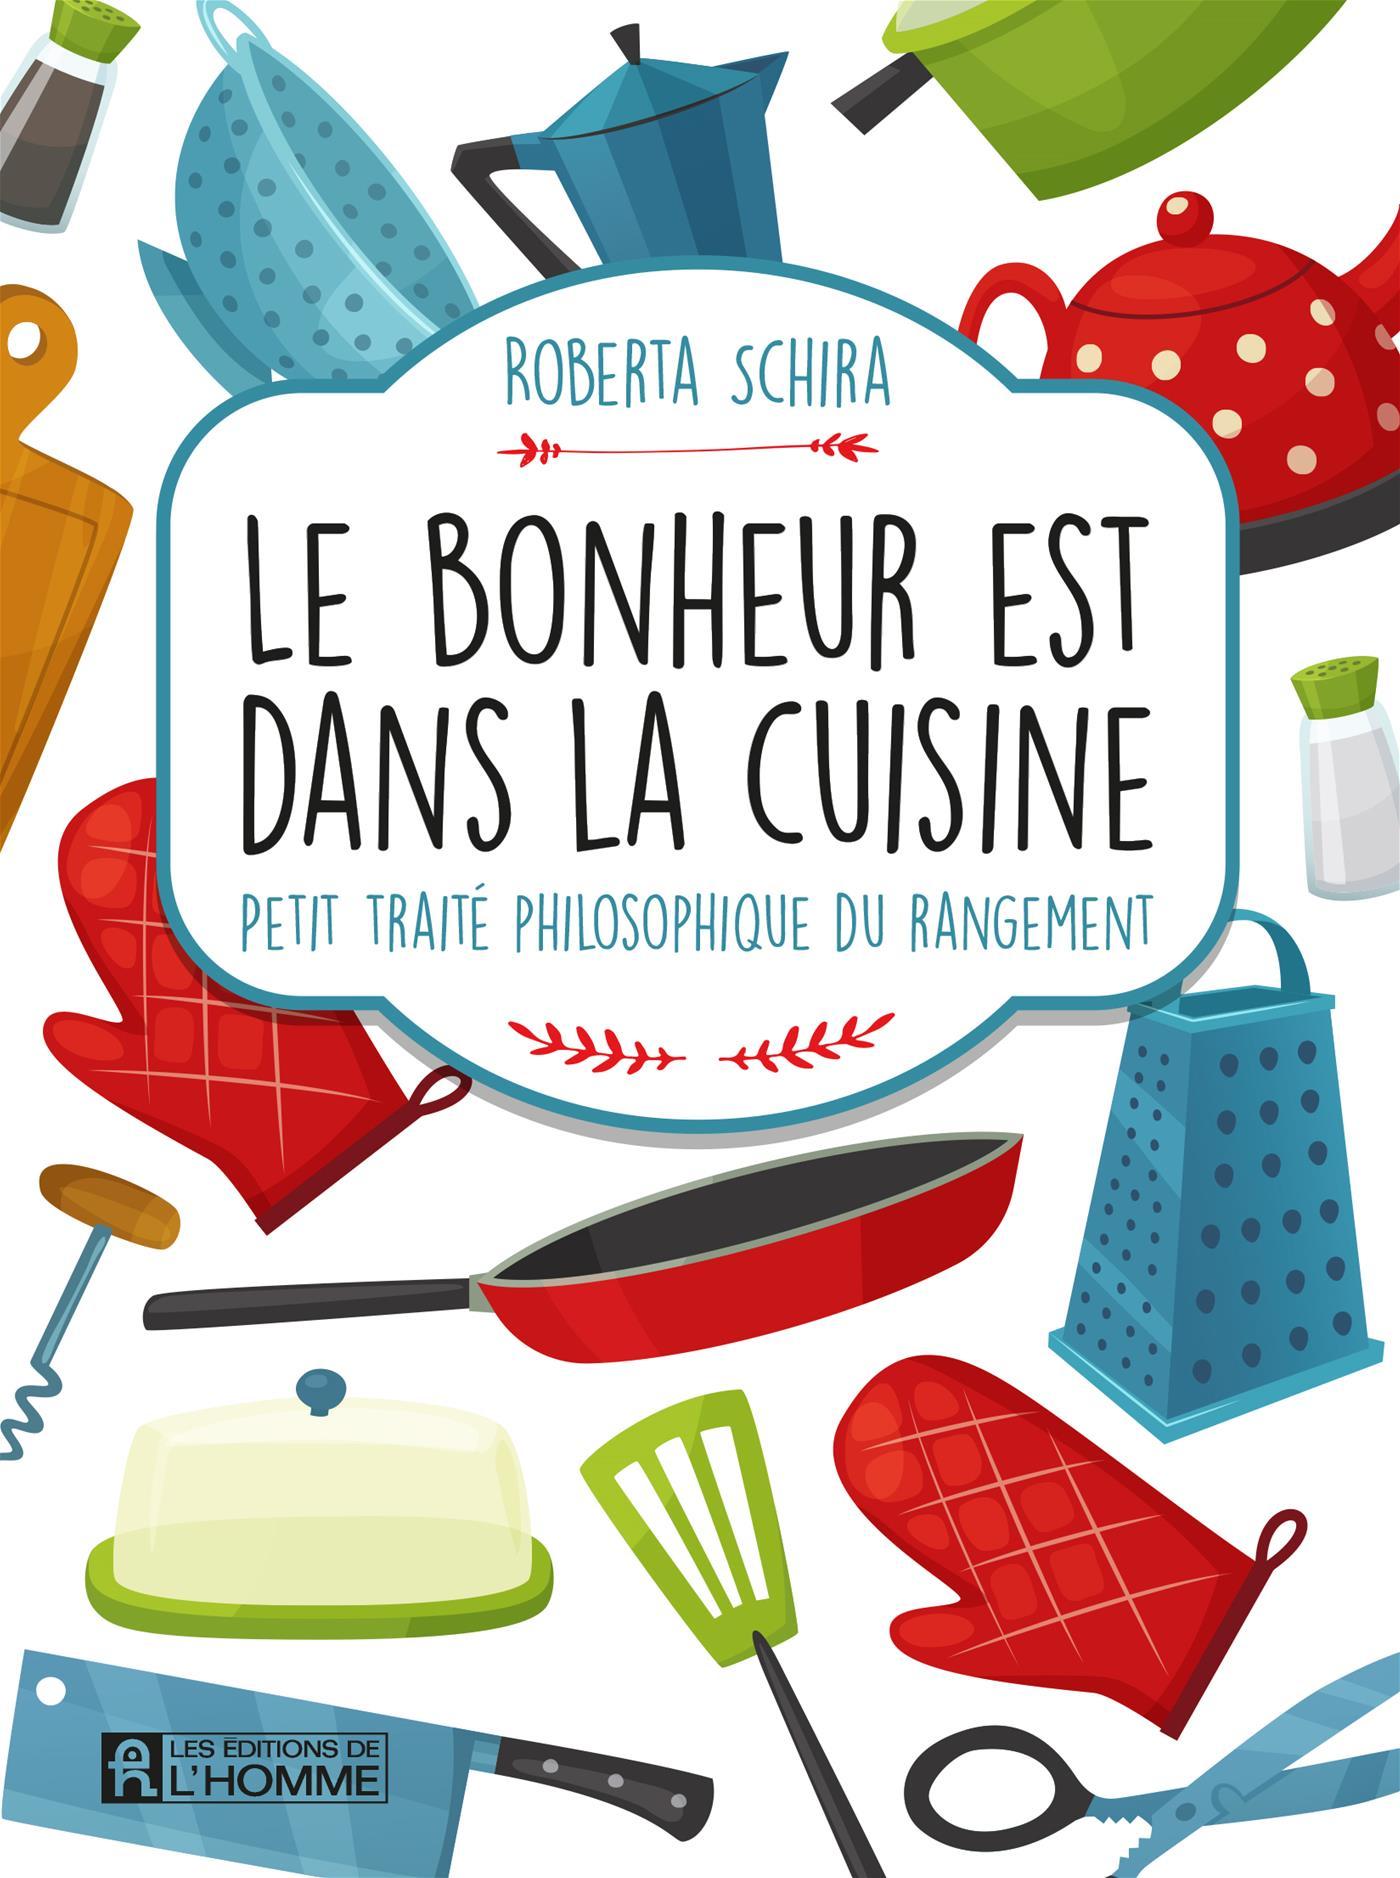 Roberta Schira - Le bonheur est dans la cuisine - L'homme